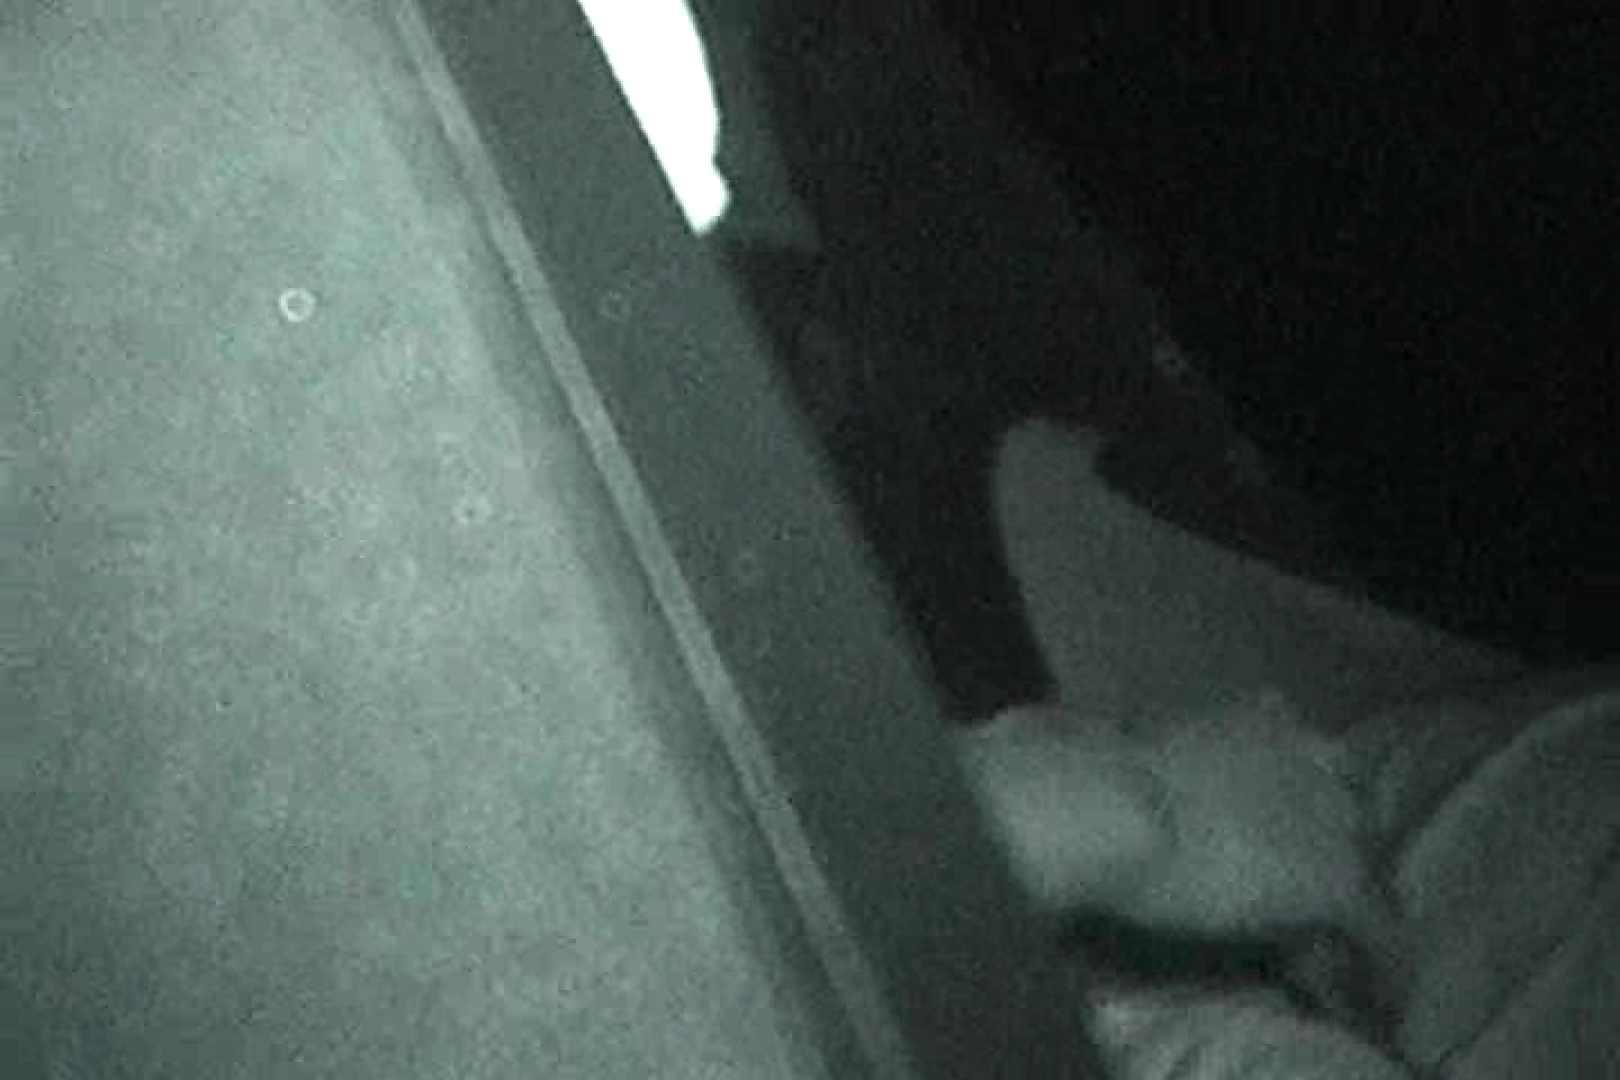 充血監督の深夜の運動会Vol.3 車 盗み撮り動画キャプチャ 28連発 15